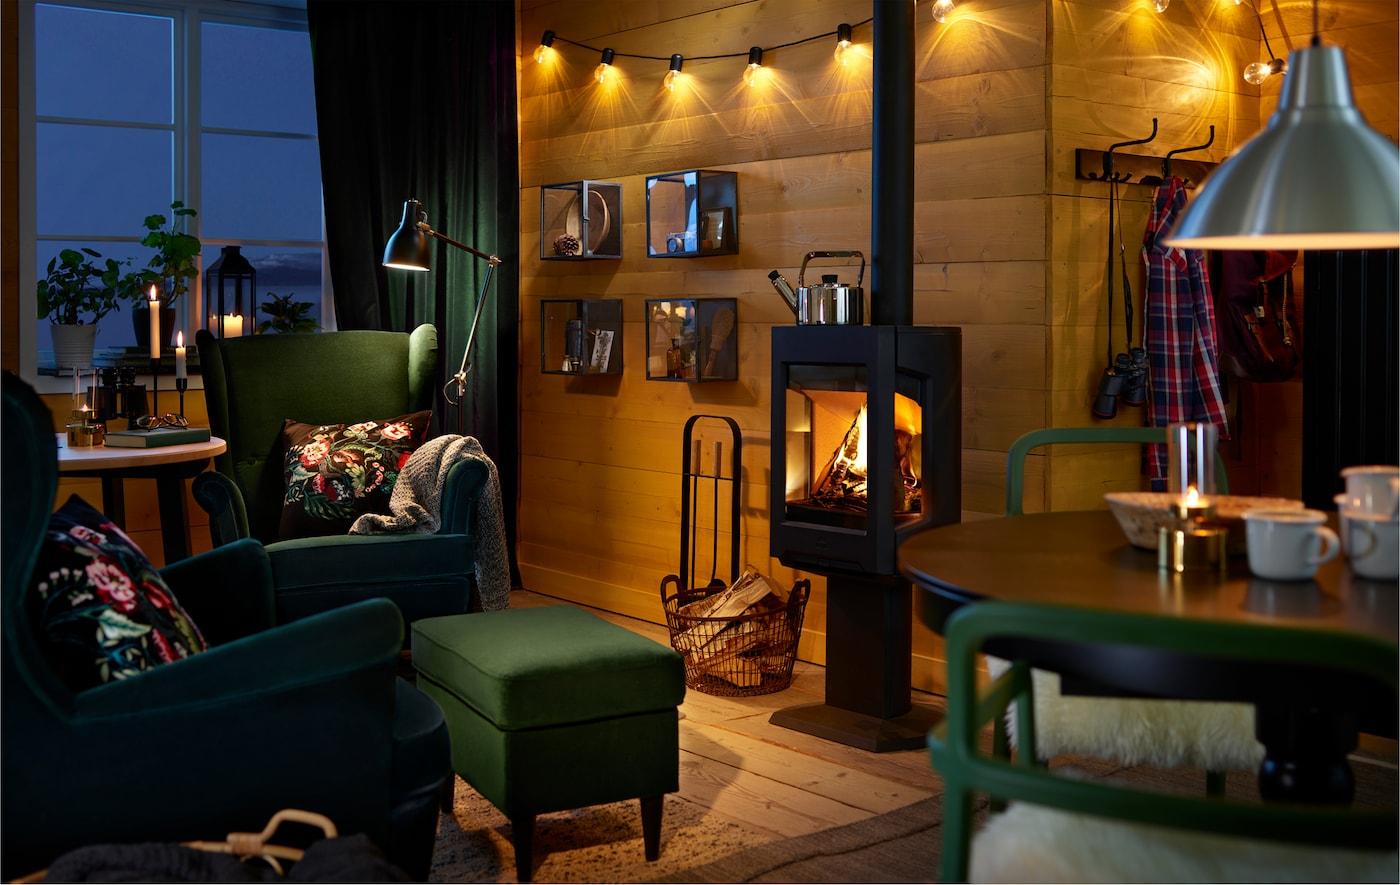 اجعل من فصل الشتاء الأجمل من كل الفصول مع إضاءة حميمية وبطانيات دافئة تلتف أسفلها. نقدم لك بعض الأفكار.